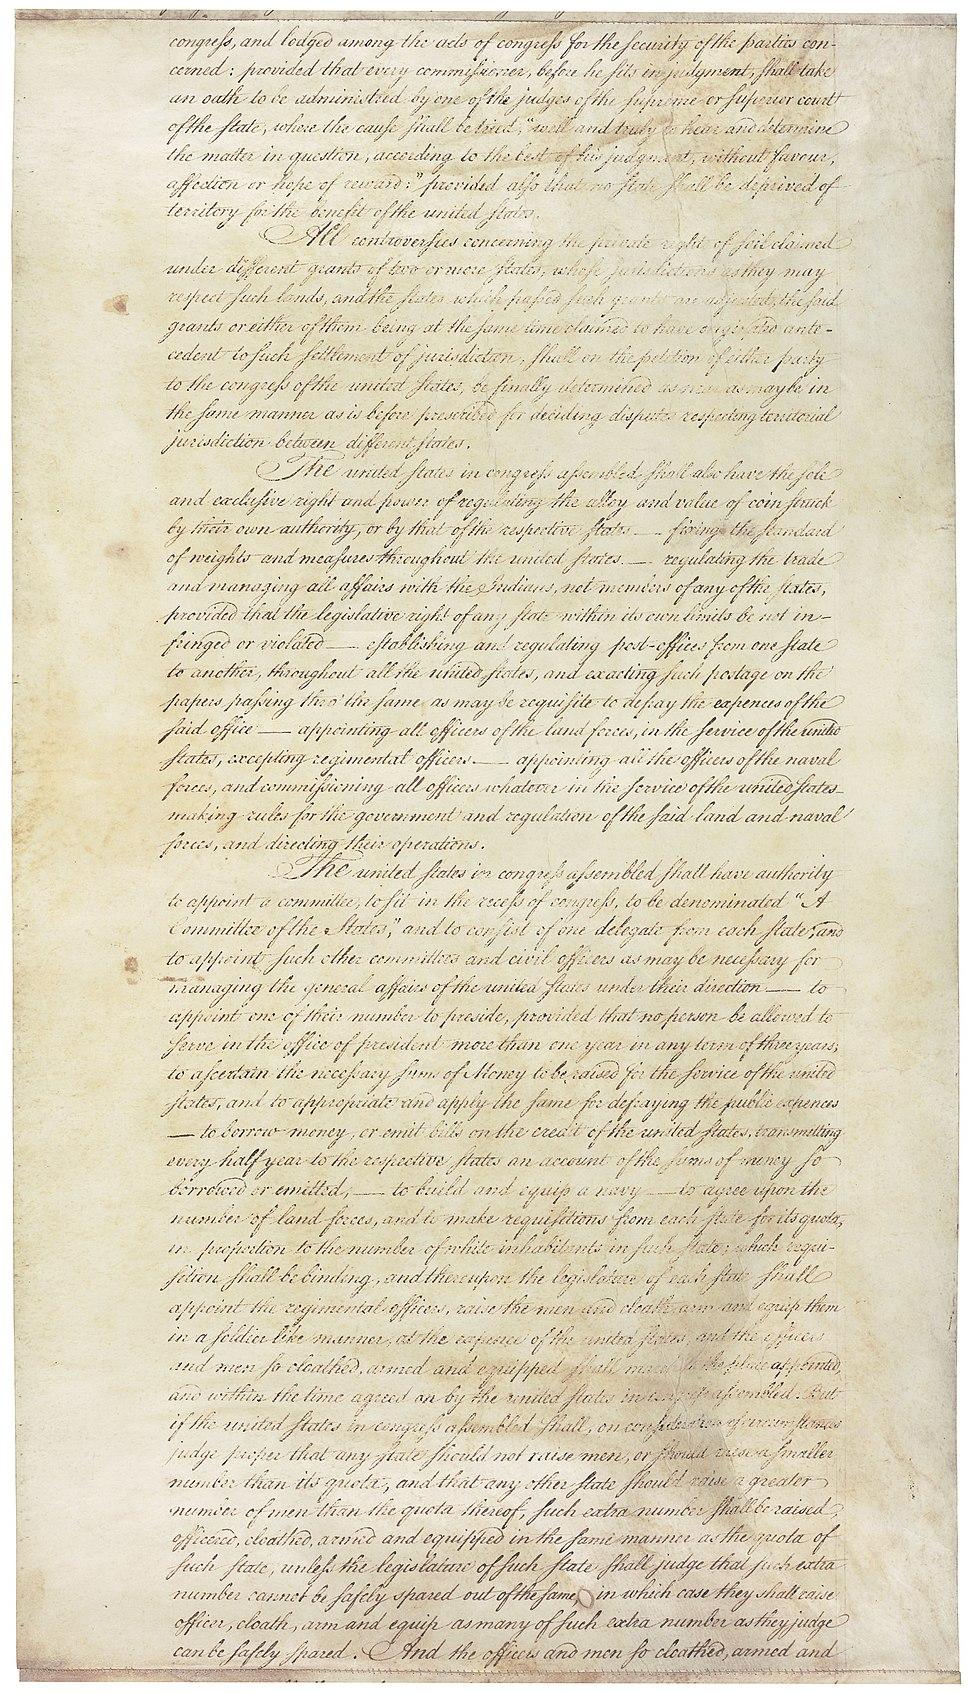 Articles of Confederation 9-9